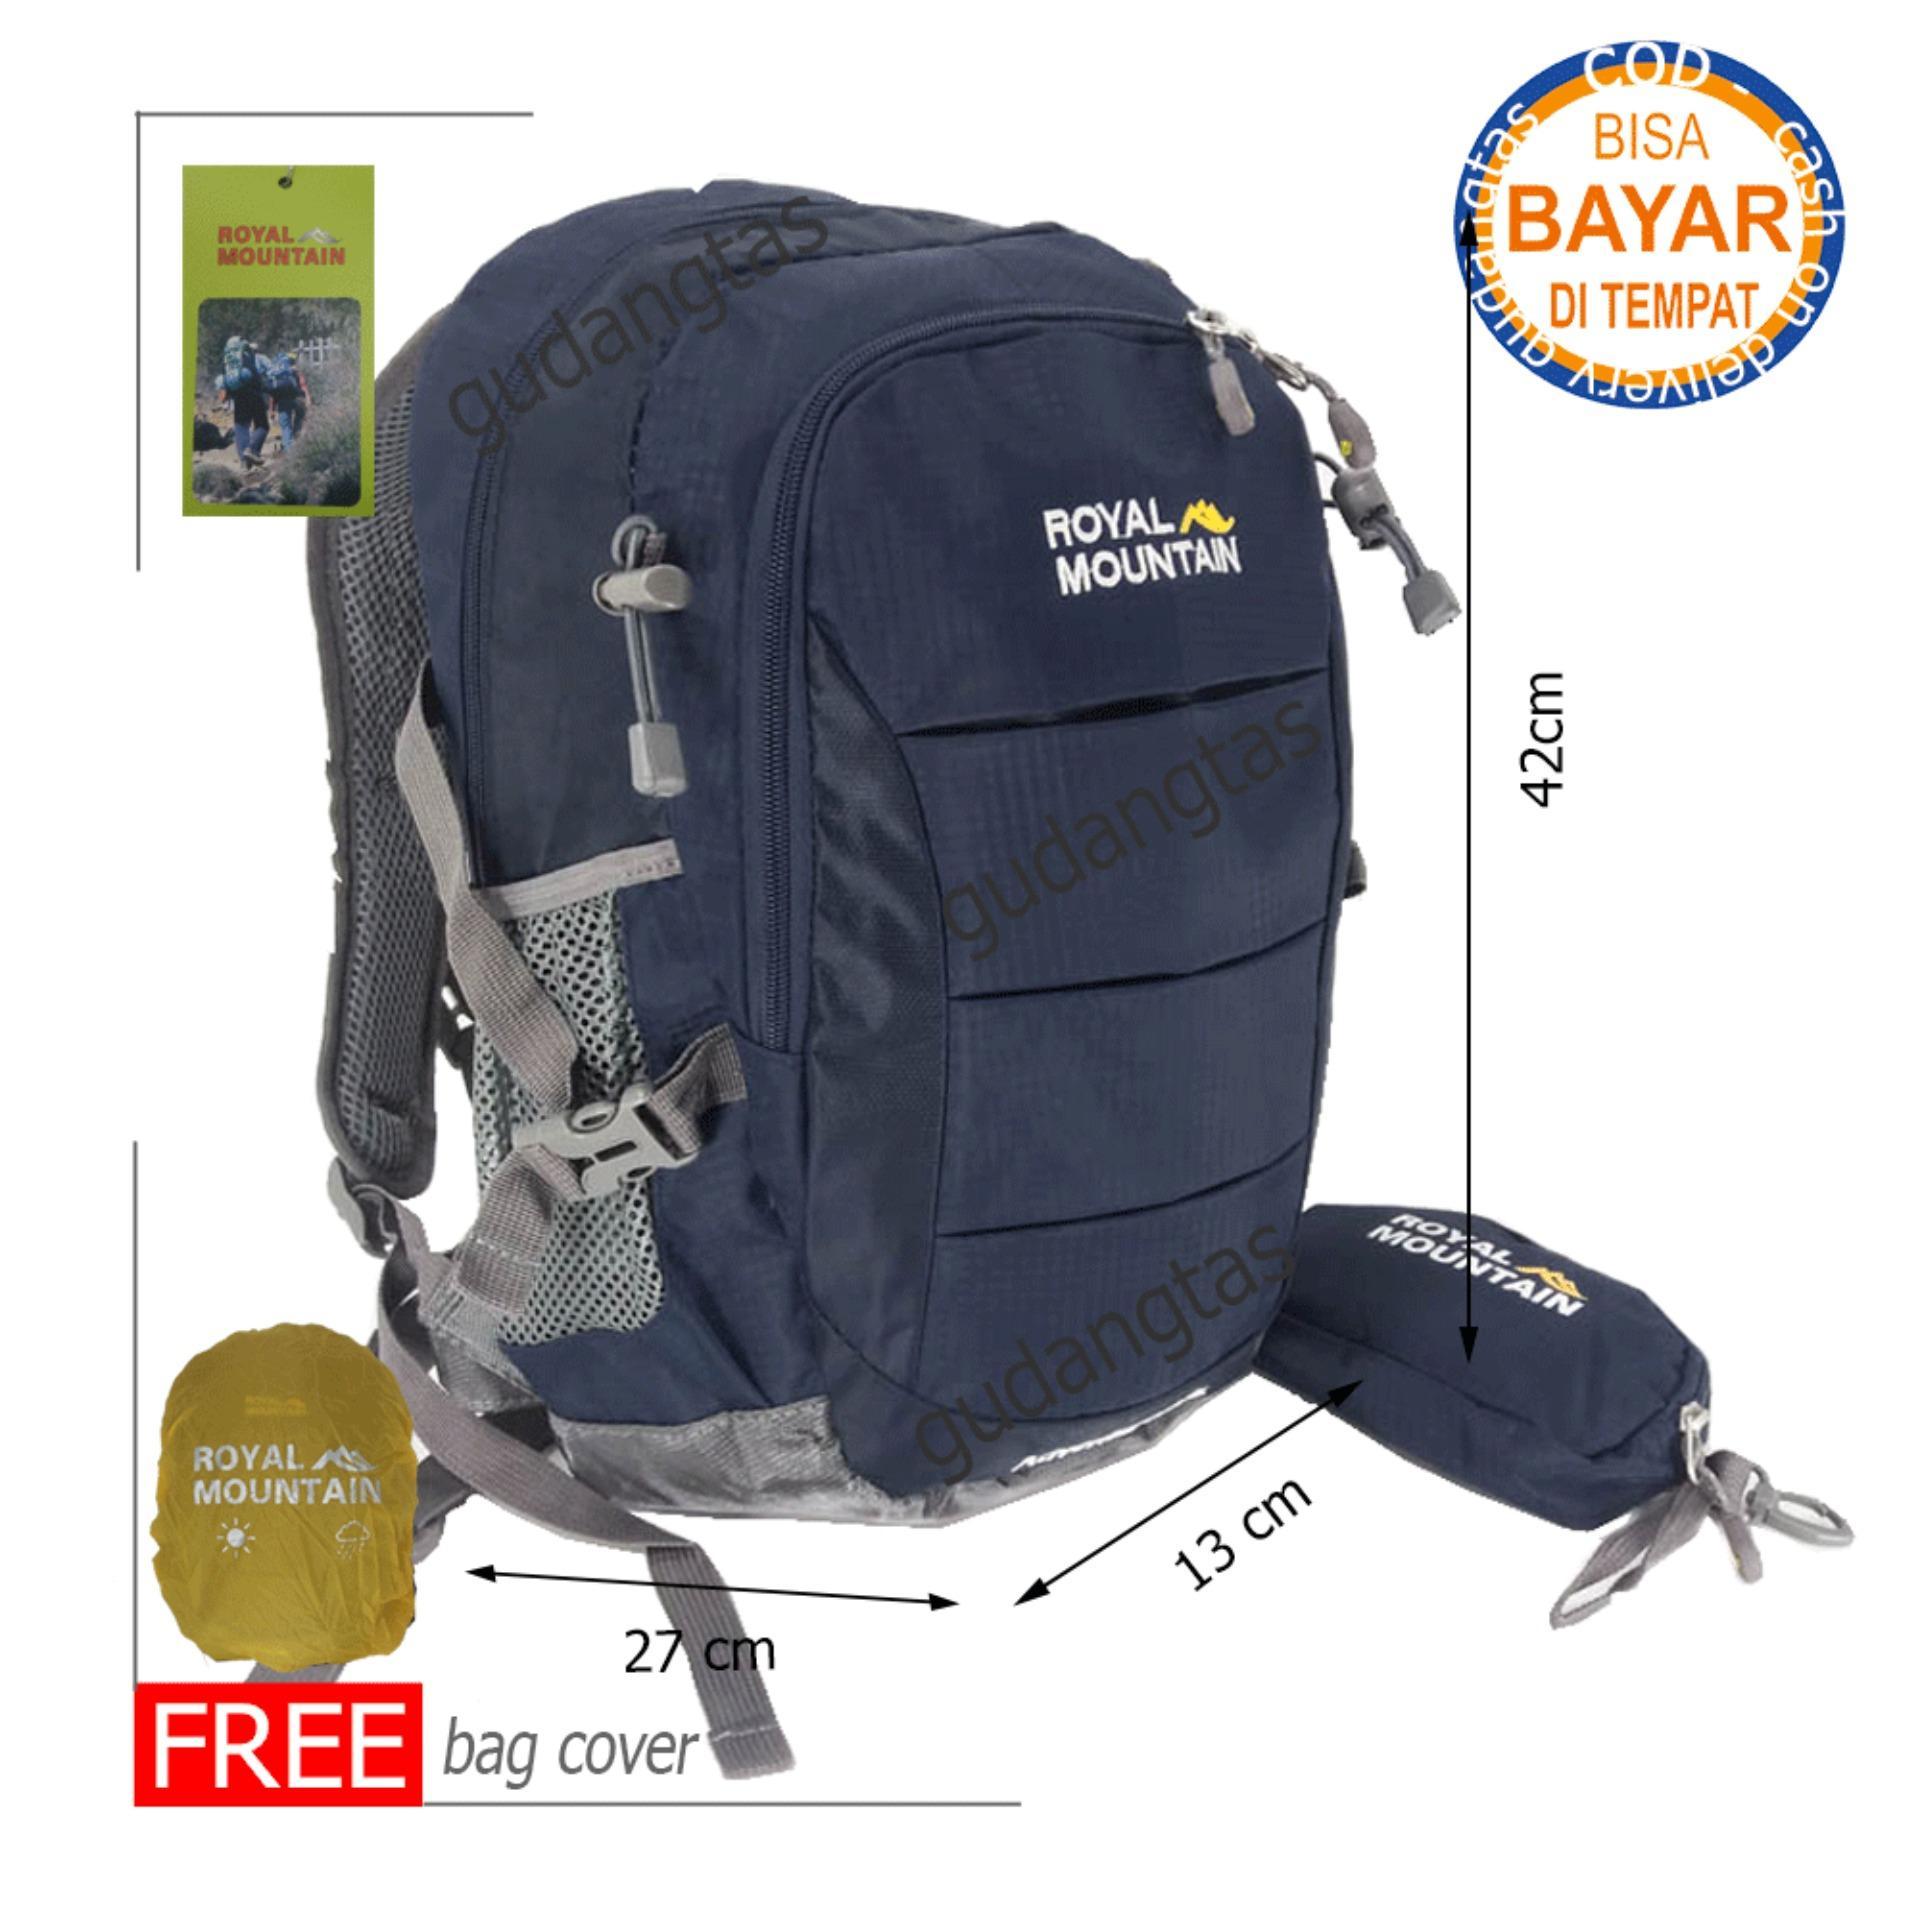 Amooba Backpack Bronze Dongker Review Harga Terkini Dan Terlengkap Ubercaren 0014 Red Royal Mountain Tas Ransel Sekolah Bp 06498 03 25l